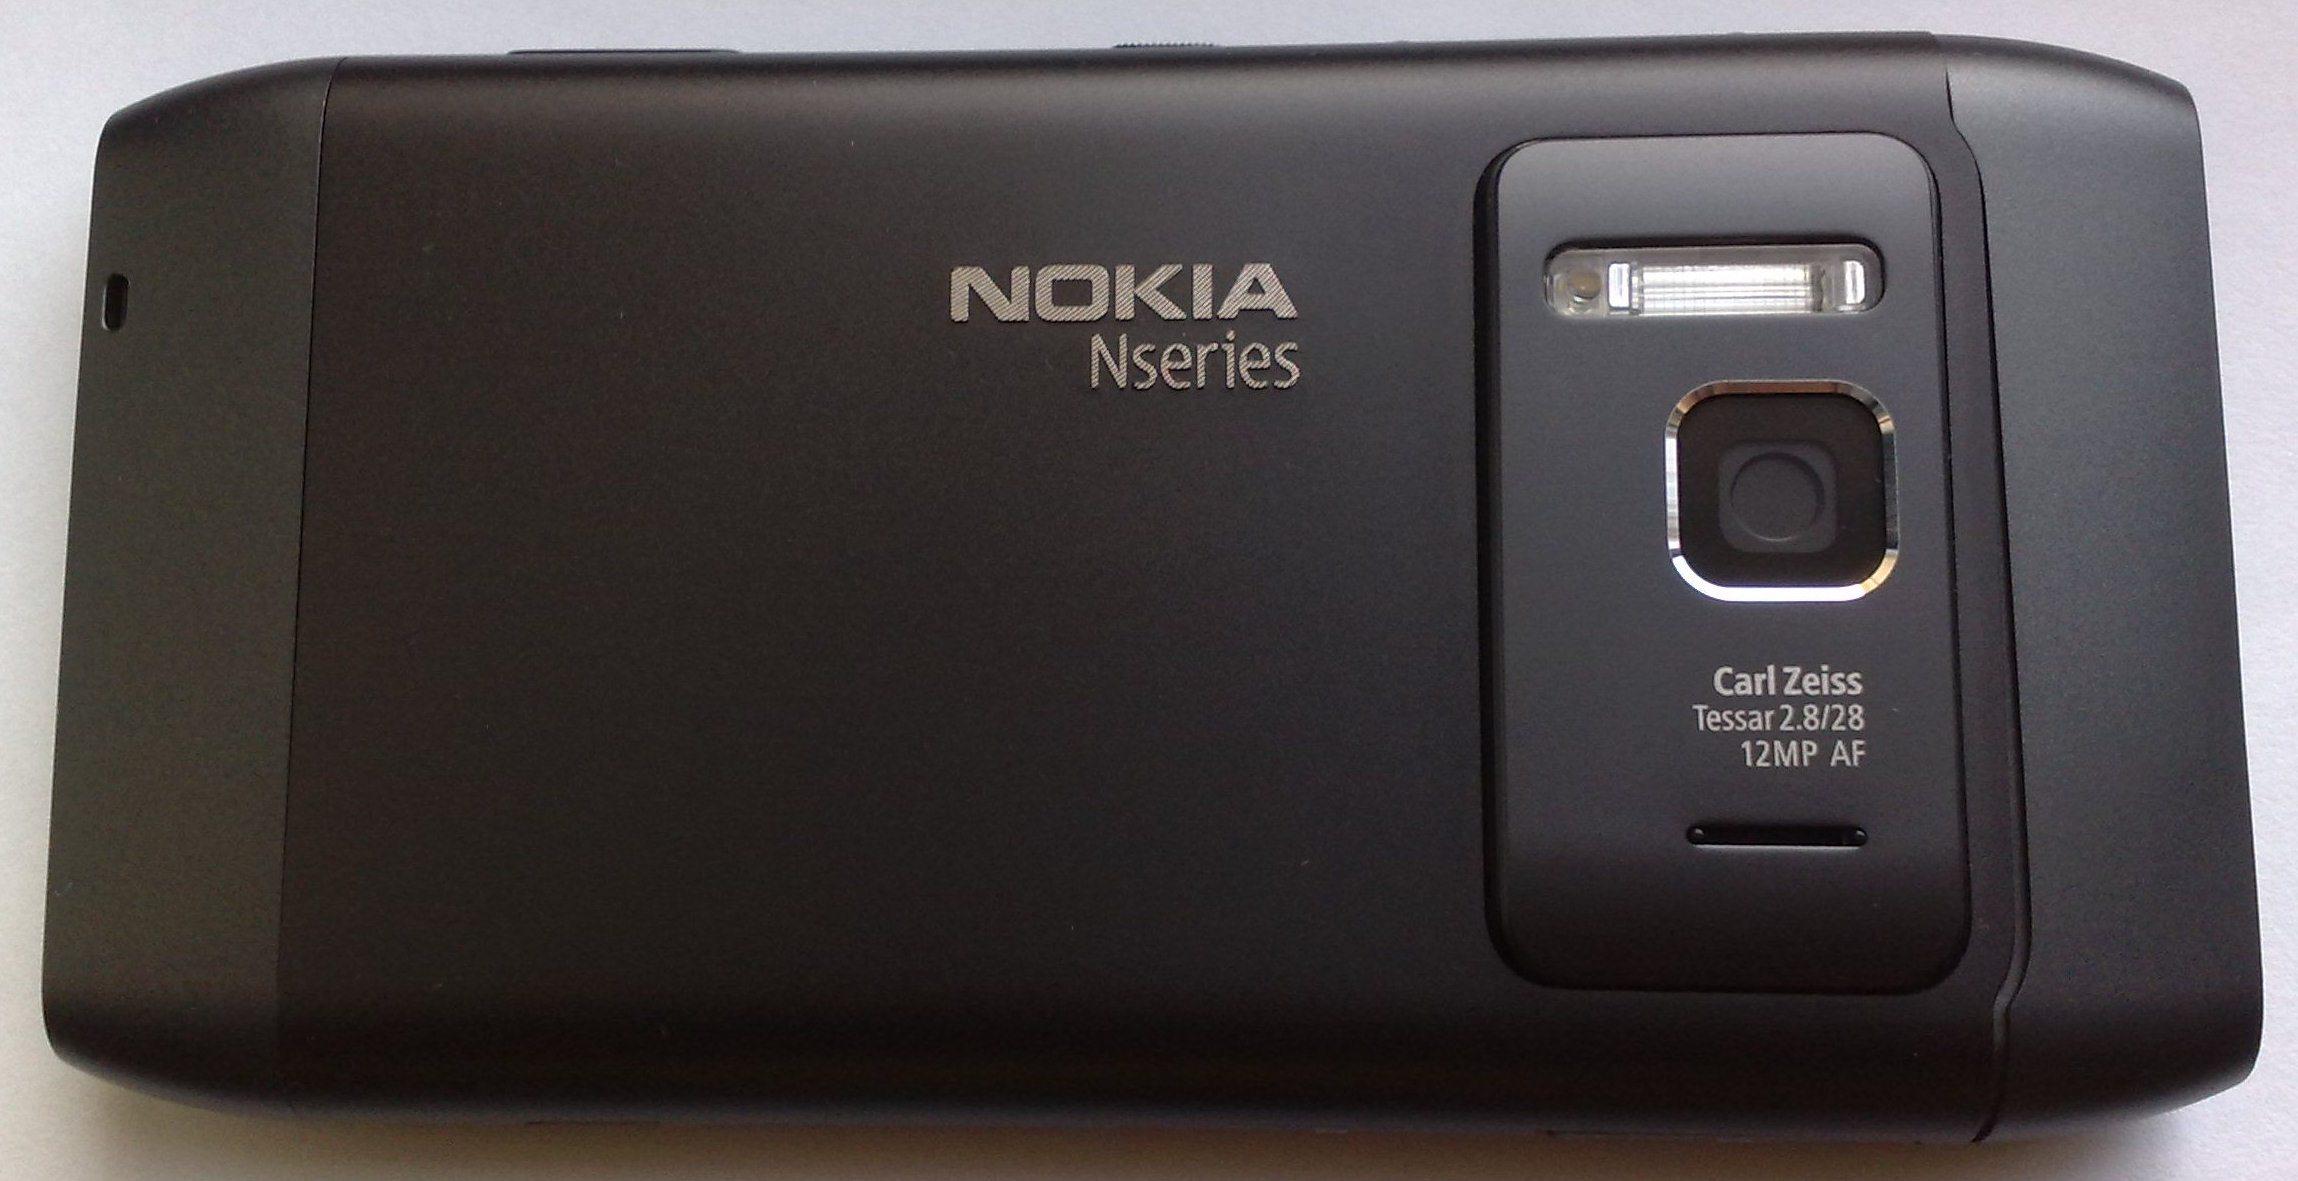 Nokia N8 Wikiwand